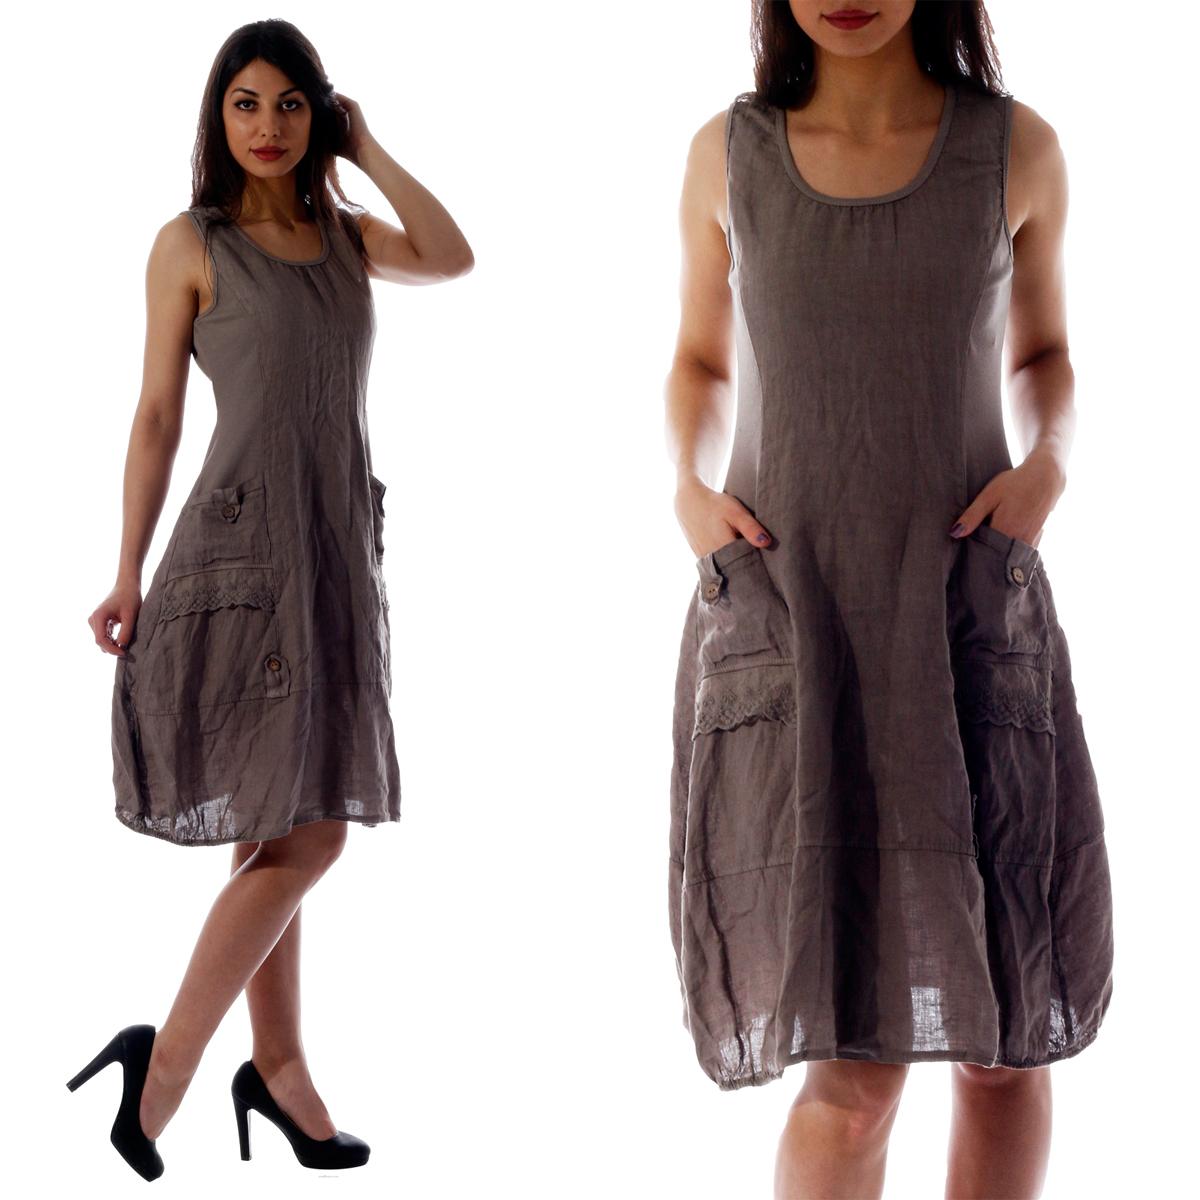 Leinen Kleid in vielen Farben und Größen - Damen Mode auch in großen ...